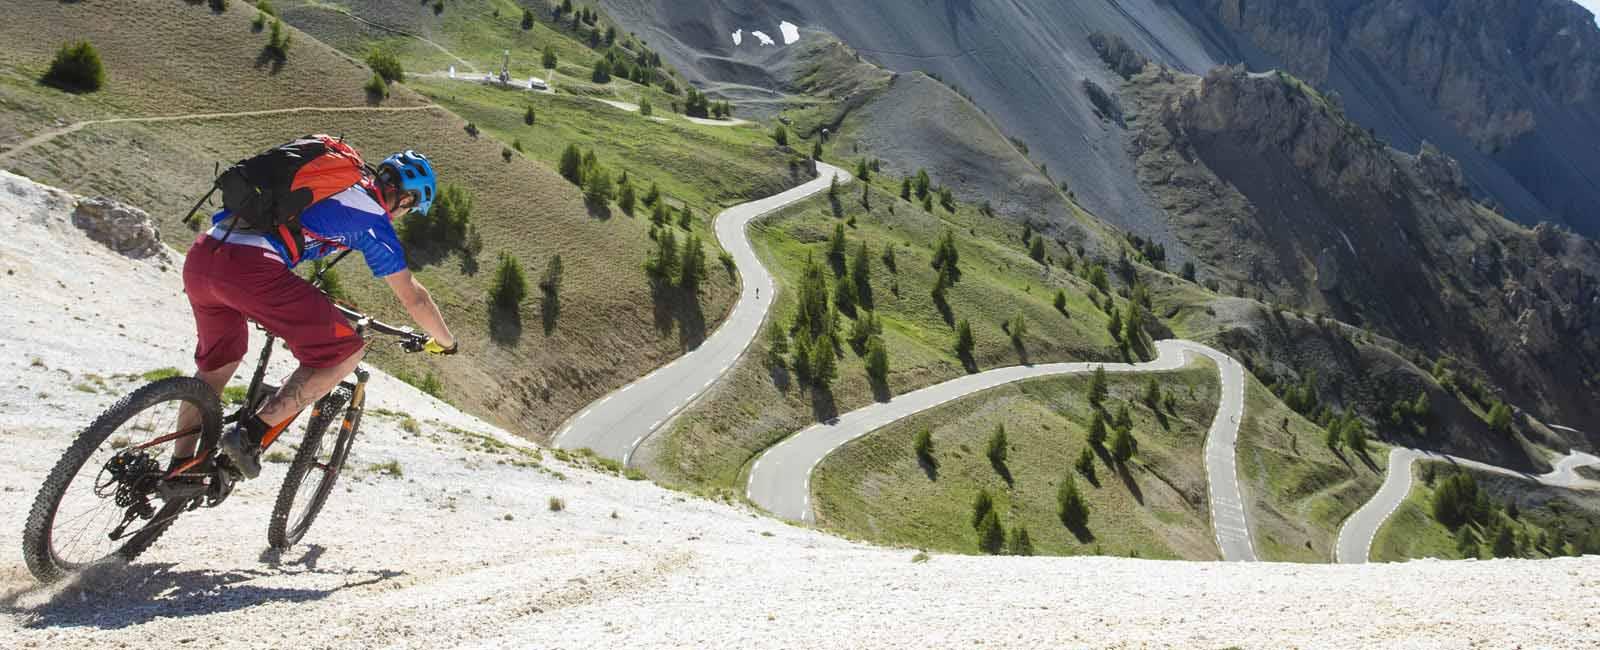 vtt - cyclo - cyclotourisme Hautes-alpes